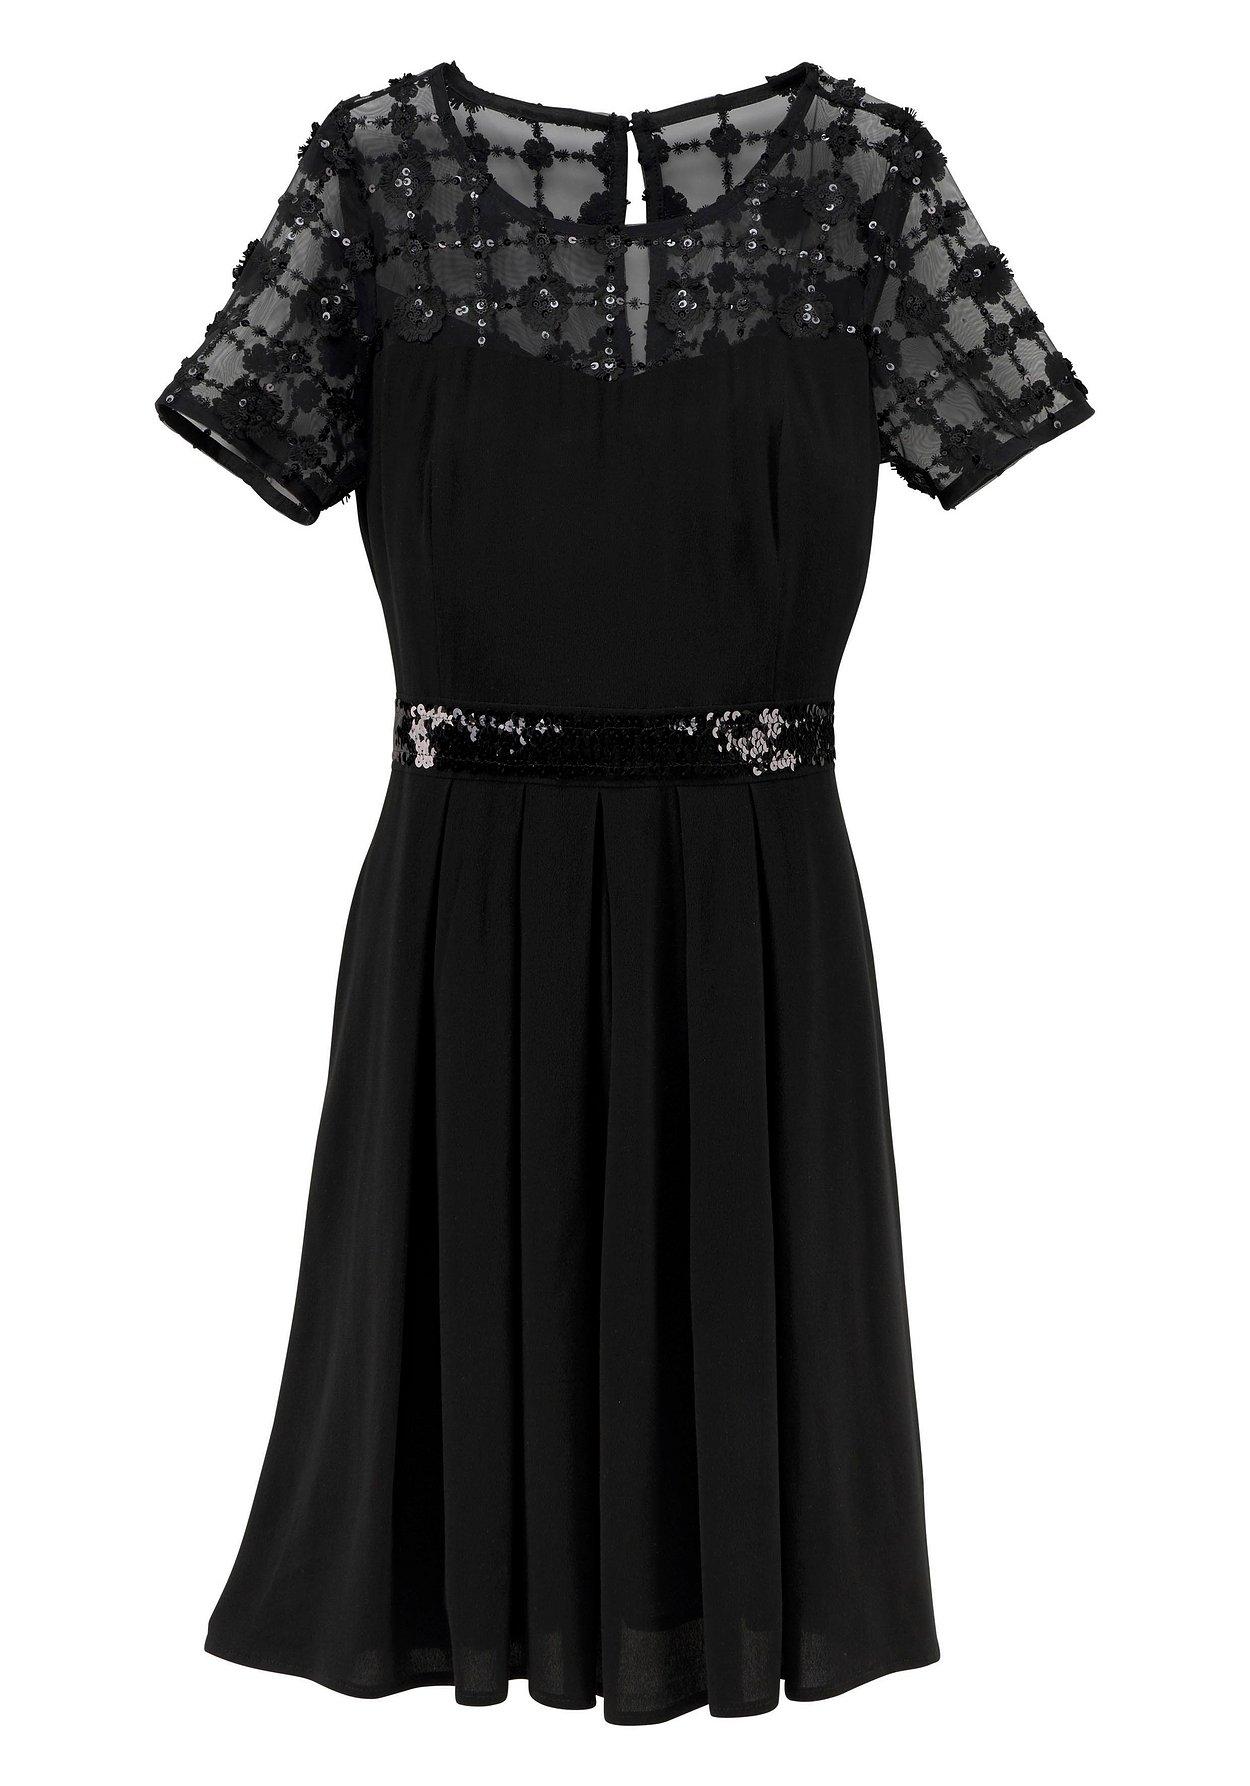 GUIDO MARIA KRETSCHMER Cocktailkleid in schwarz, Gr. 46 | eBay